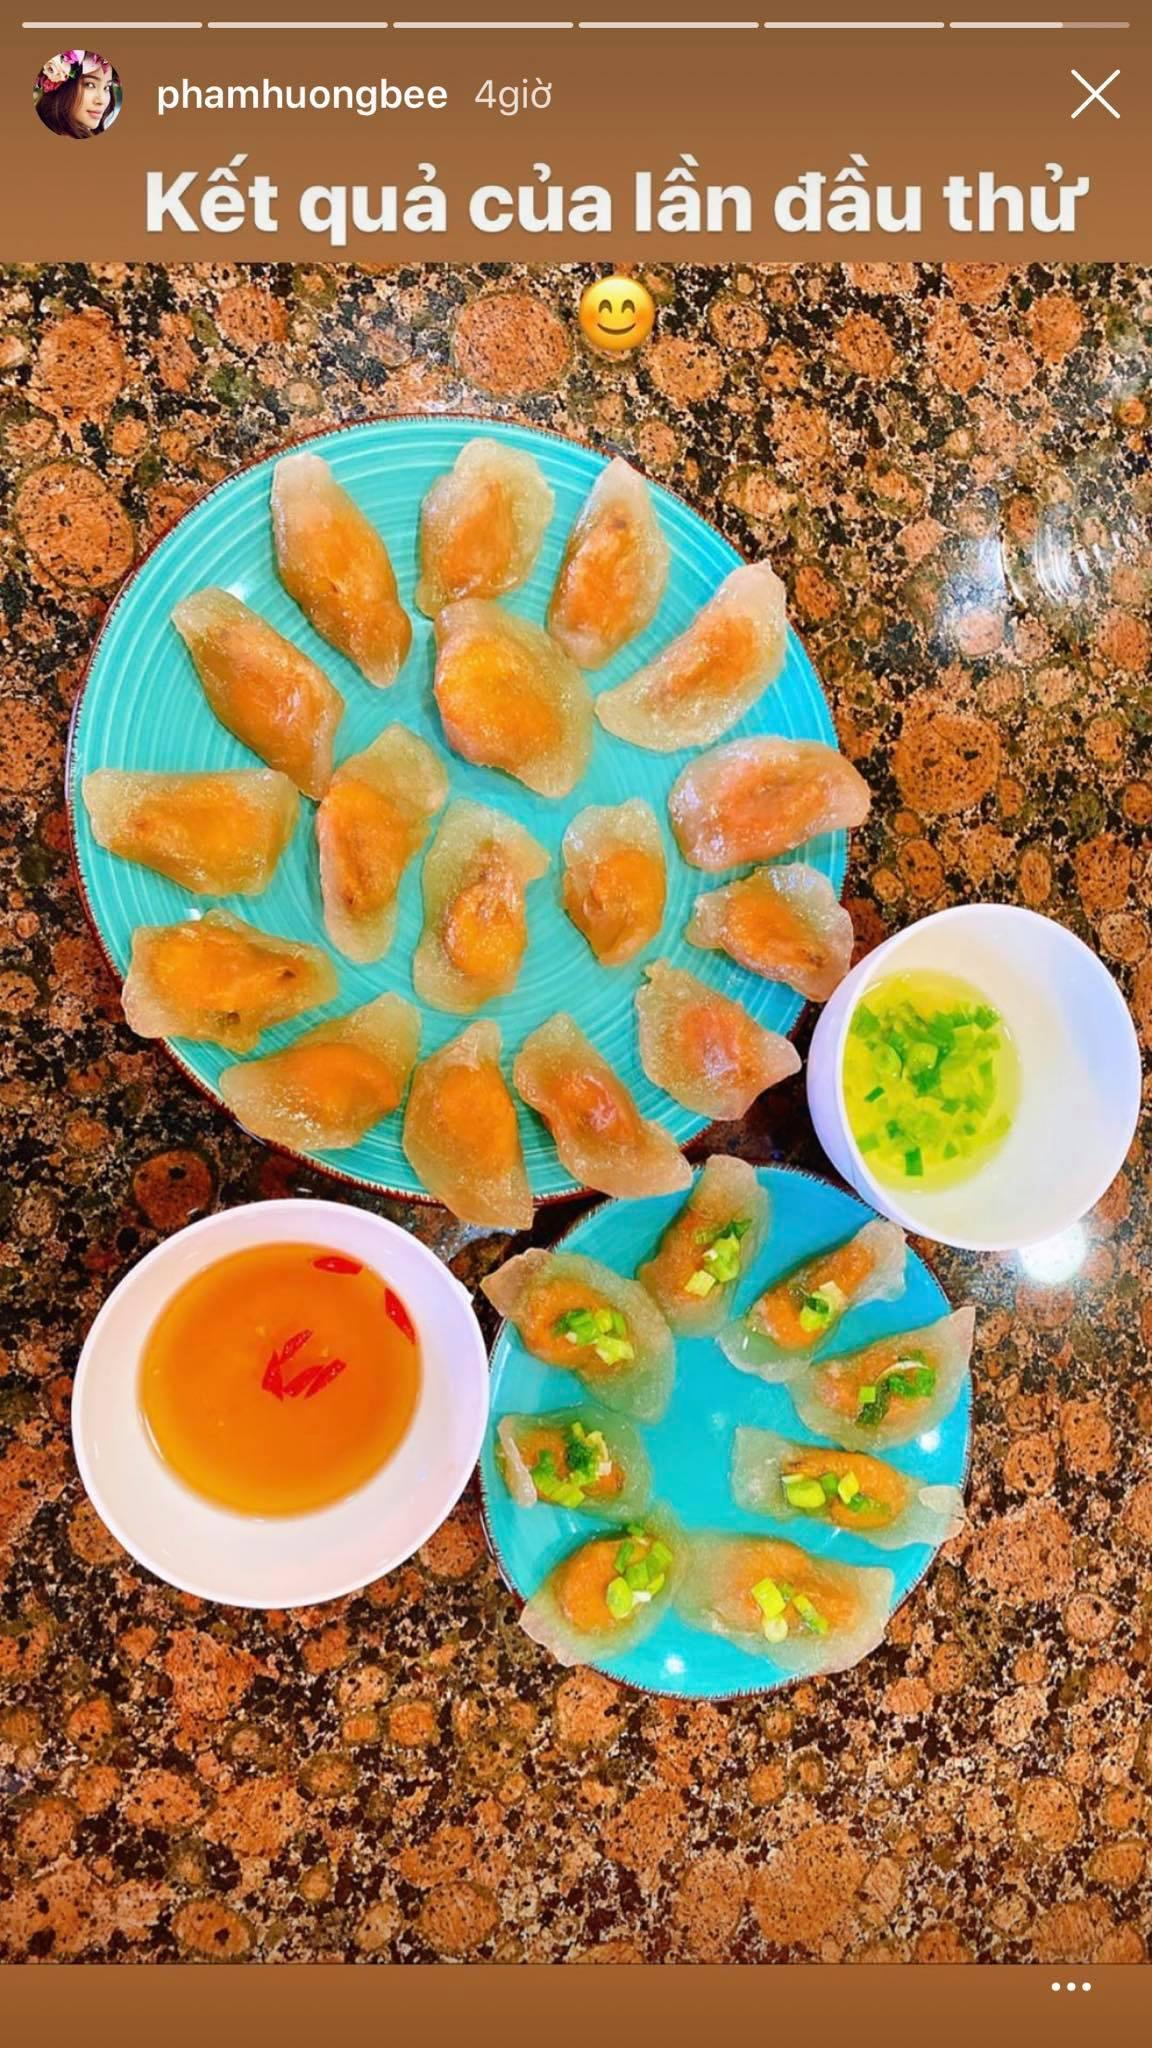 Tiết kiệm mùa dịch, sao Việt tự làm cơm nhà: Chị đại Thanh Hằng khoe tài bếp núc, Đông Nhi làm bánh cho chồng nhưng lại bị nghi là đồ mua ngoài hàng